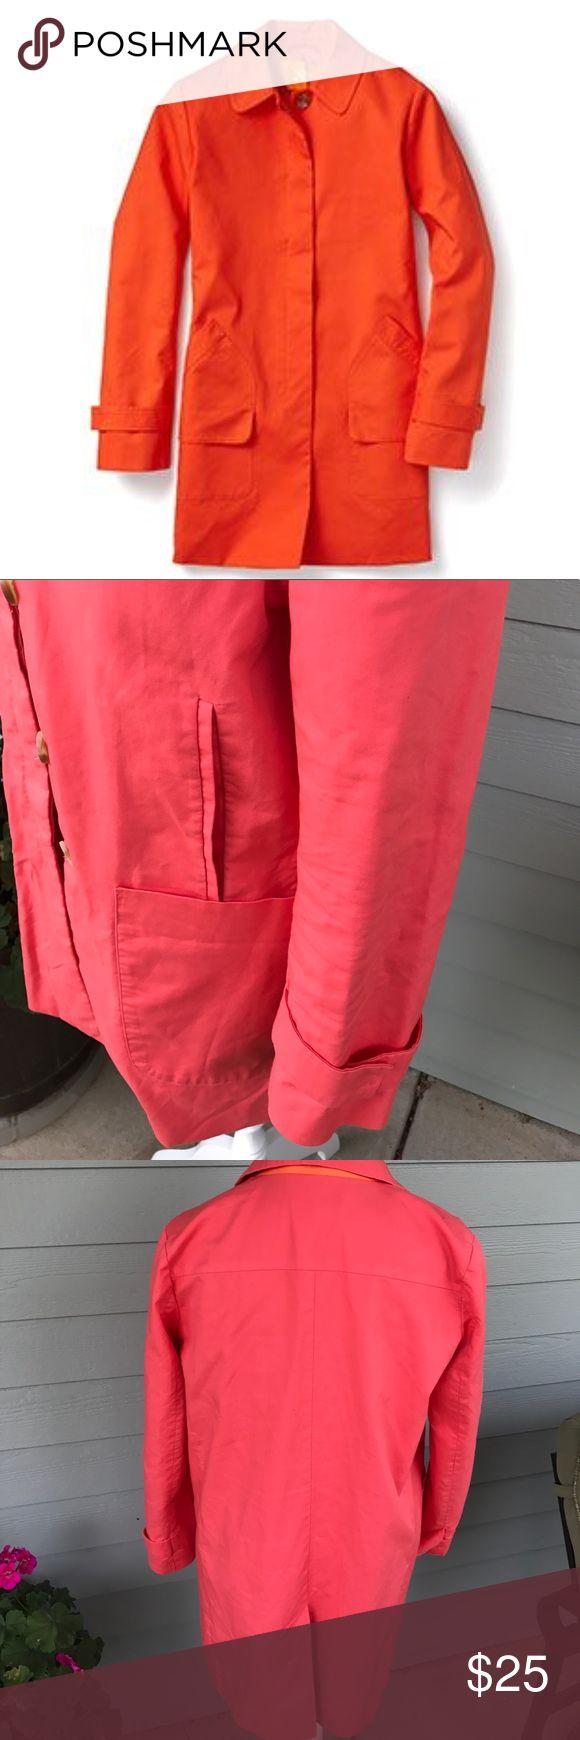 Joe Fresh melon trench size M Joe Fresh melon colored trench. Fully lined. 100% cotton. Size M Joe Fresh Jackets & Coats Trench Coats